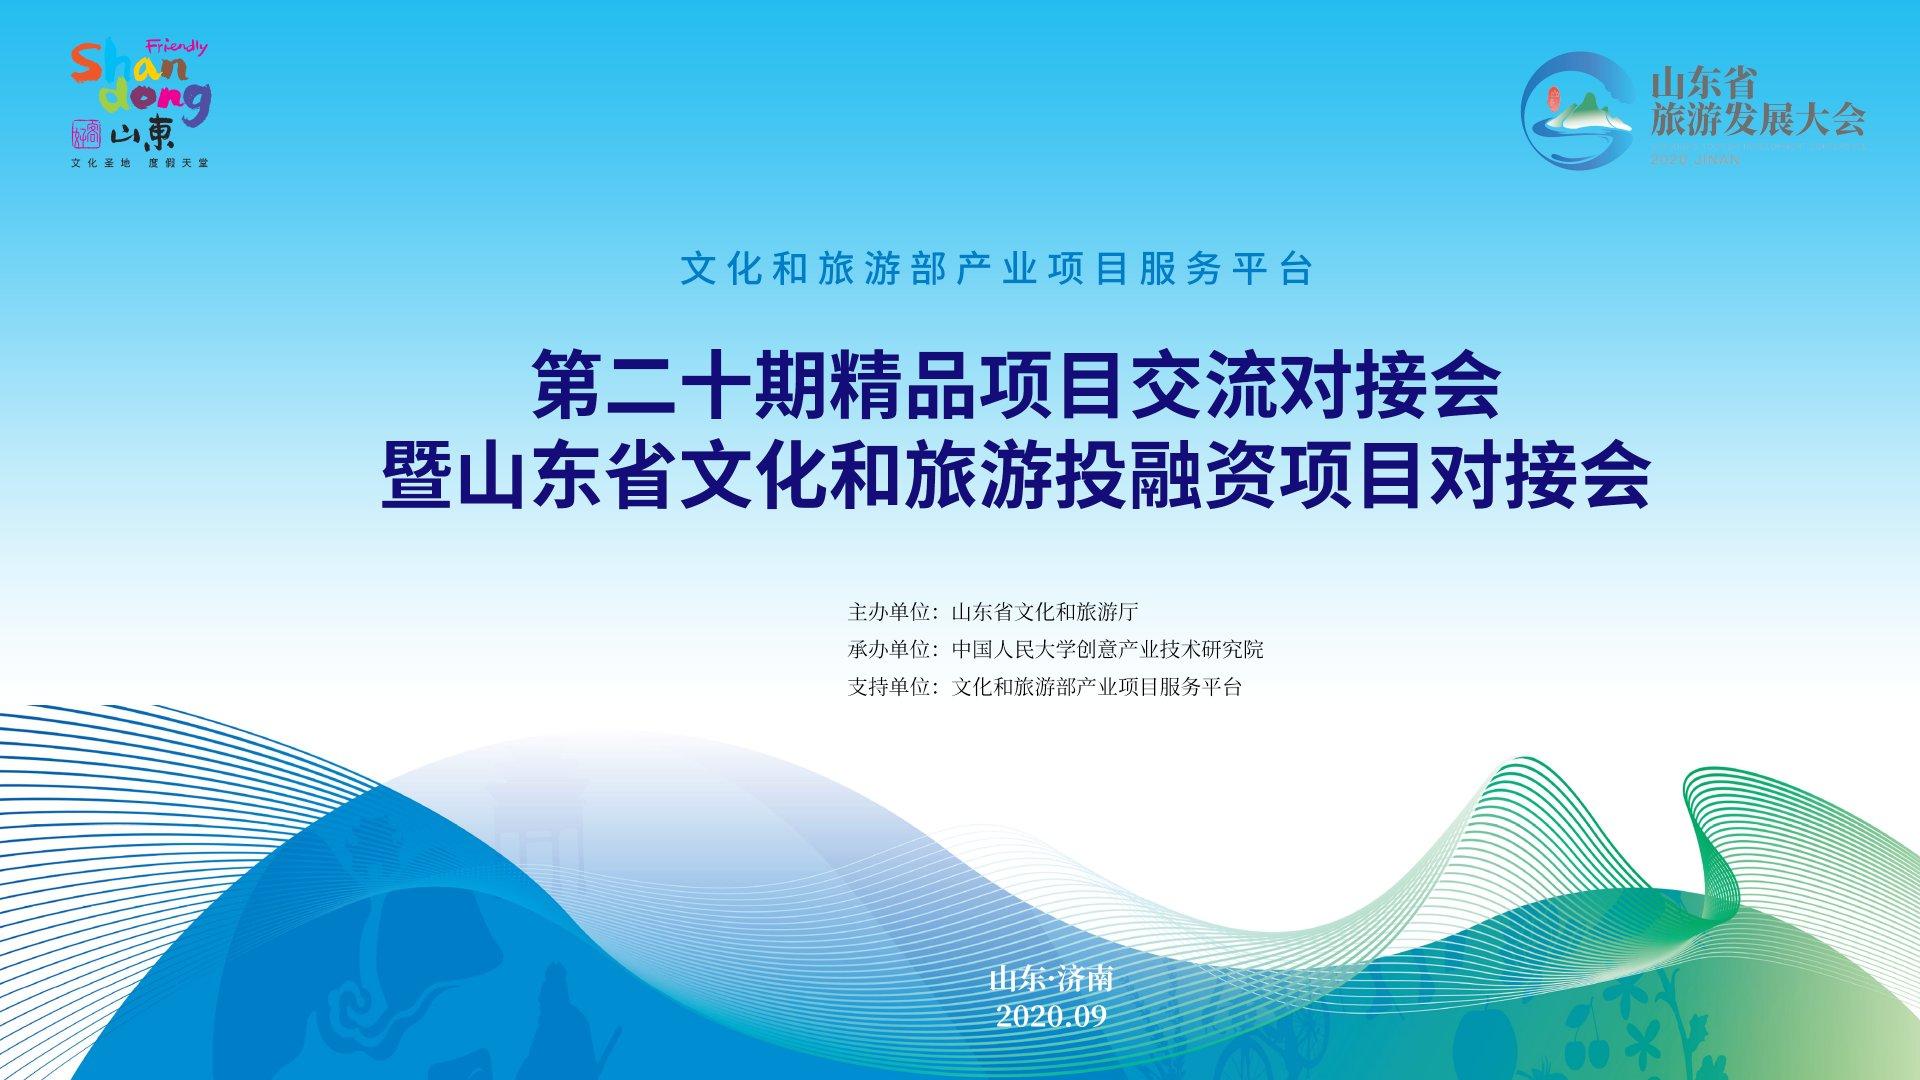 总投资531.2亿元10个优质项目成功签约!山东文化和旅游投资迎来发展新机遇